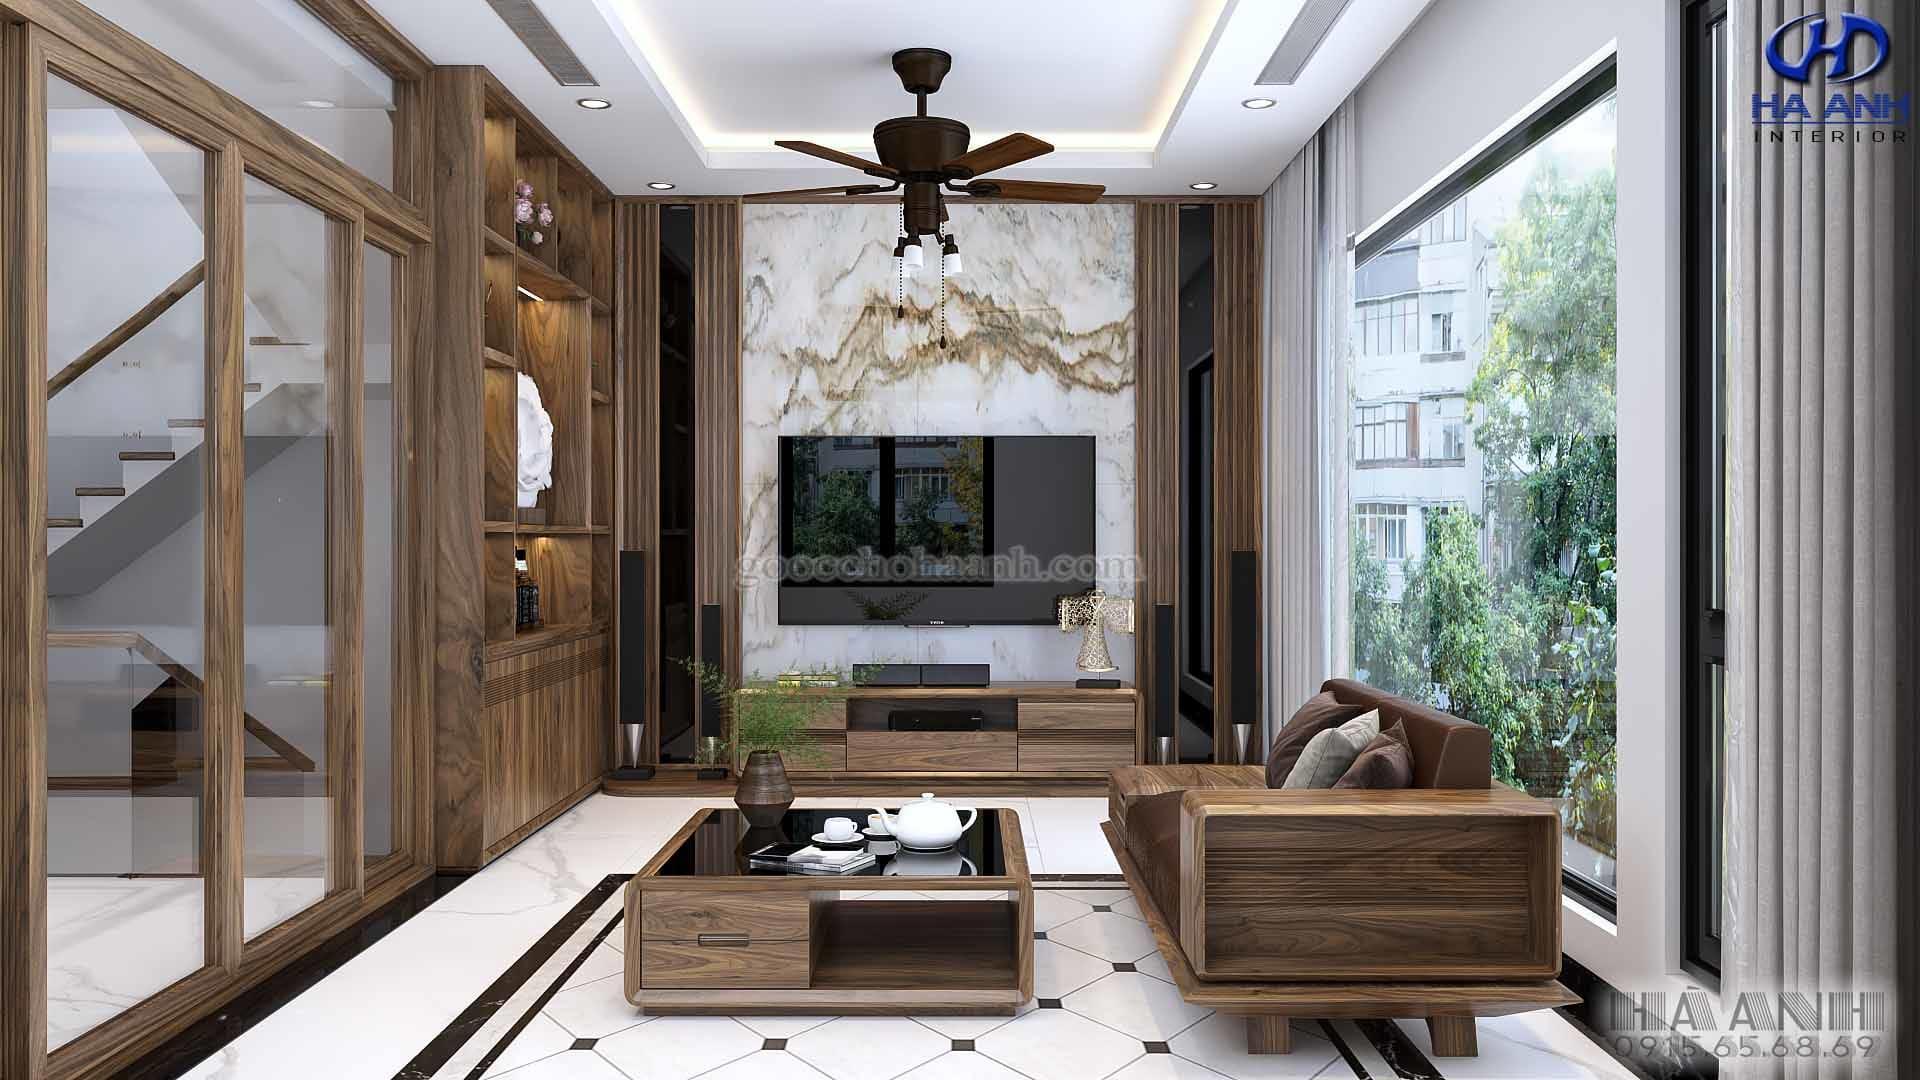 Nội thất gỗ óc chó nhà chị Nga - Vinhomes Long Biên